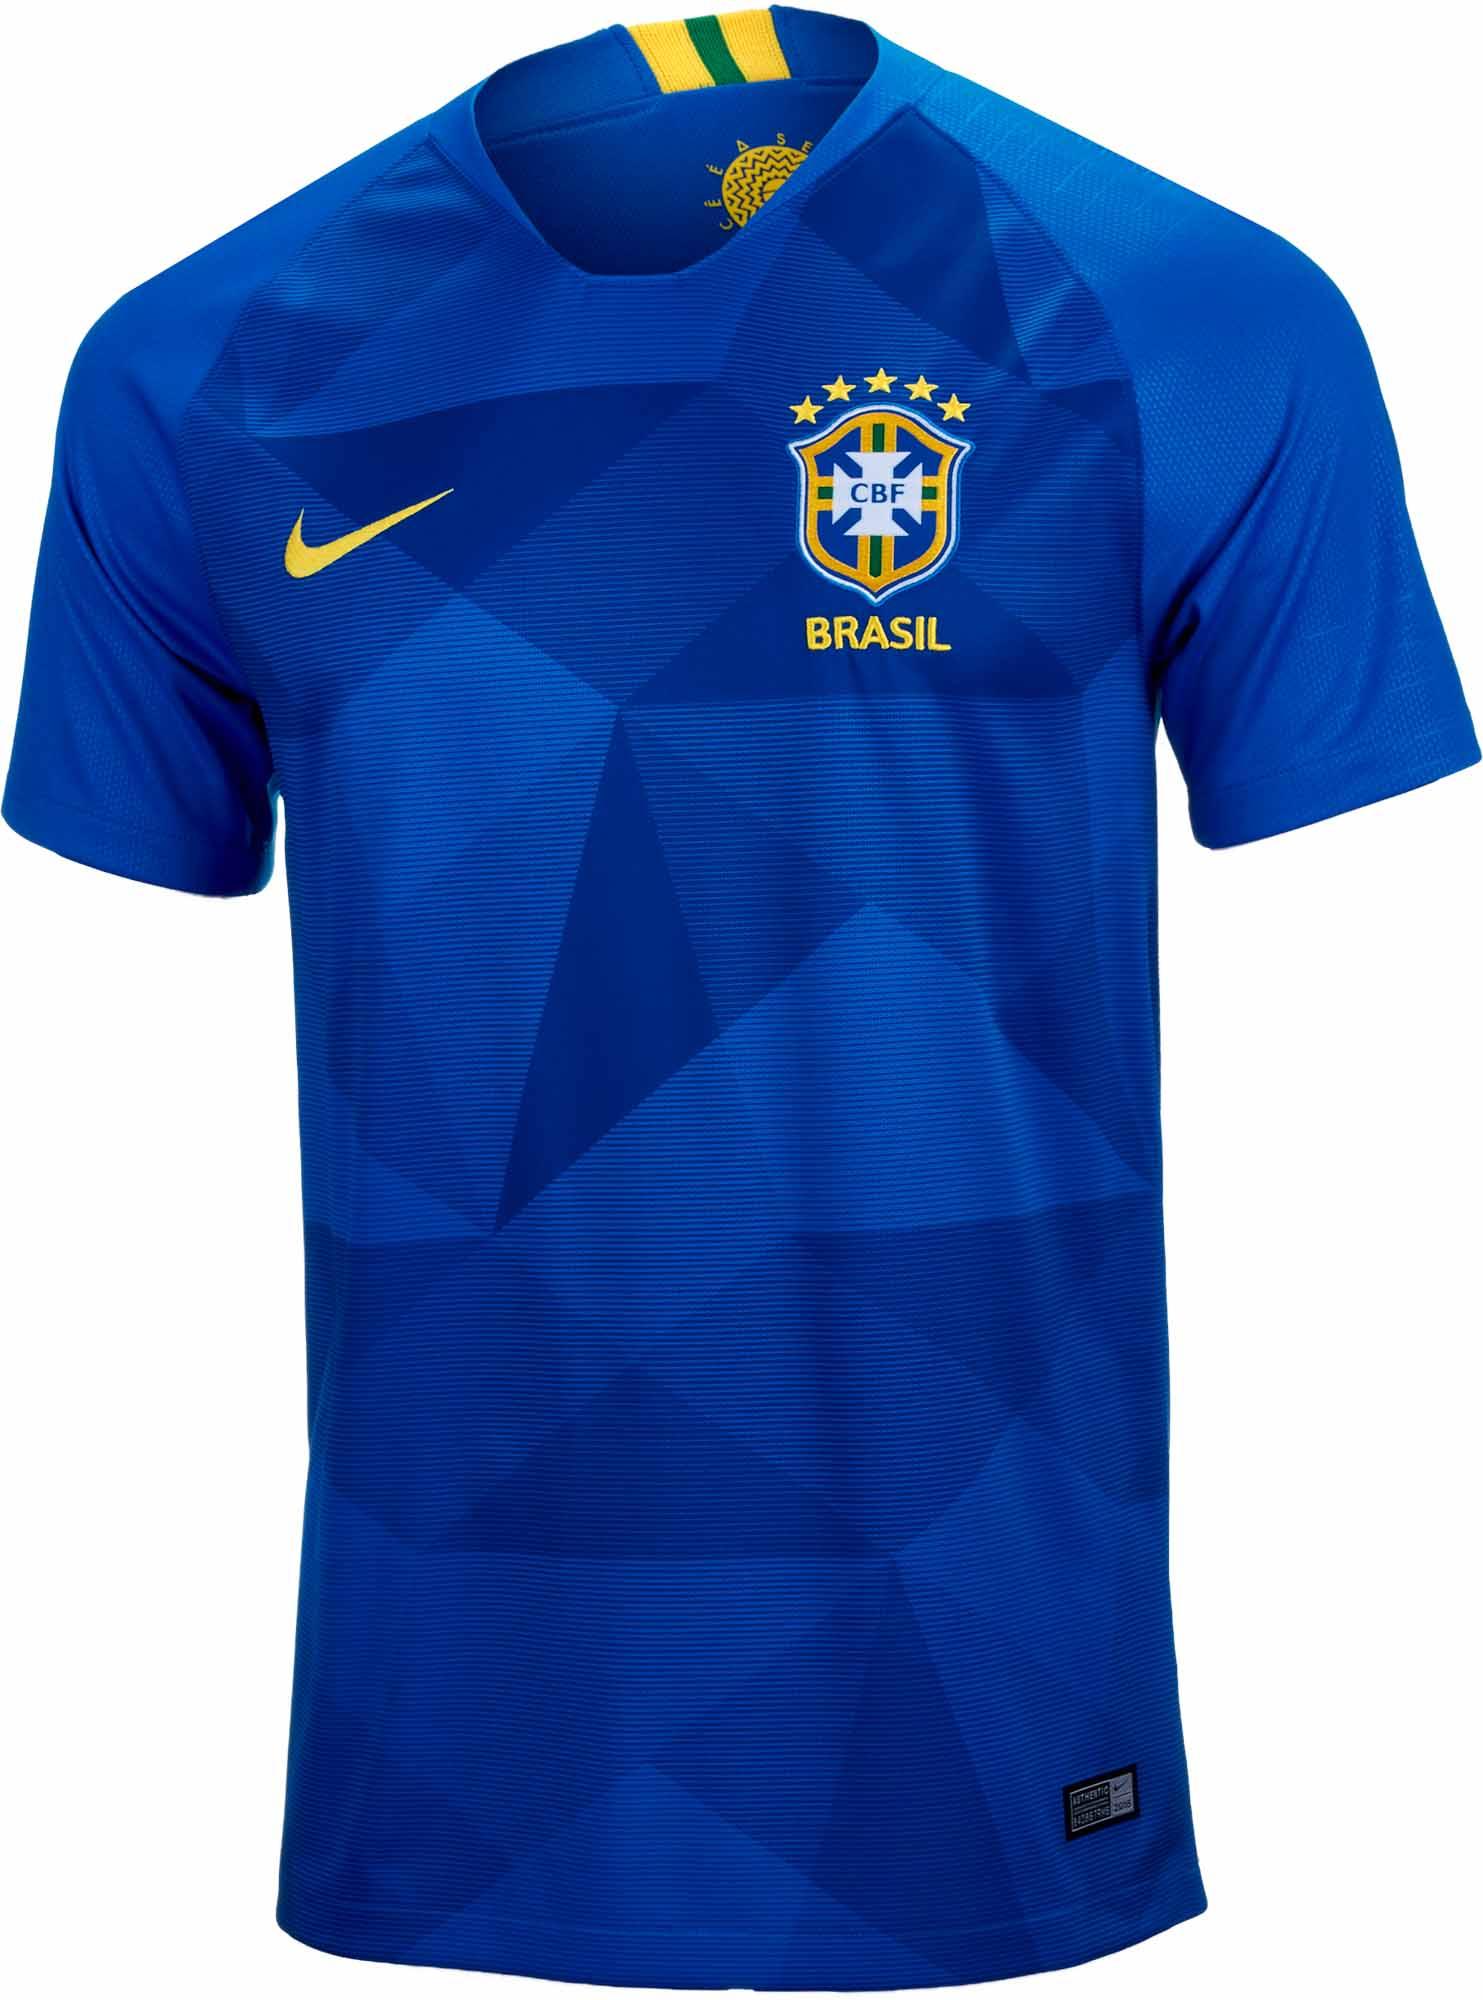 Nike Brazil Away Jersey 2018-19 - SoccerPro.com